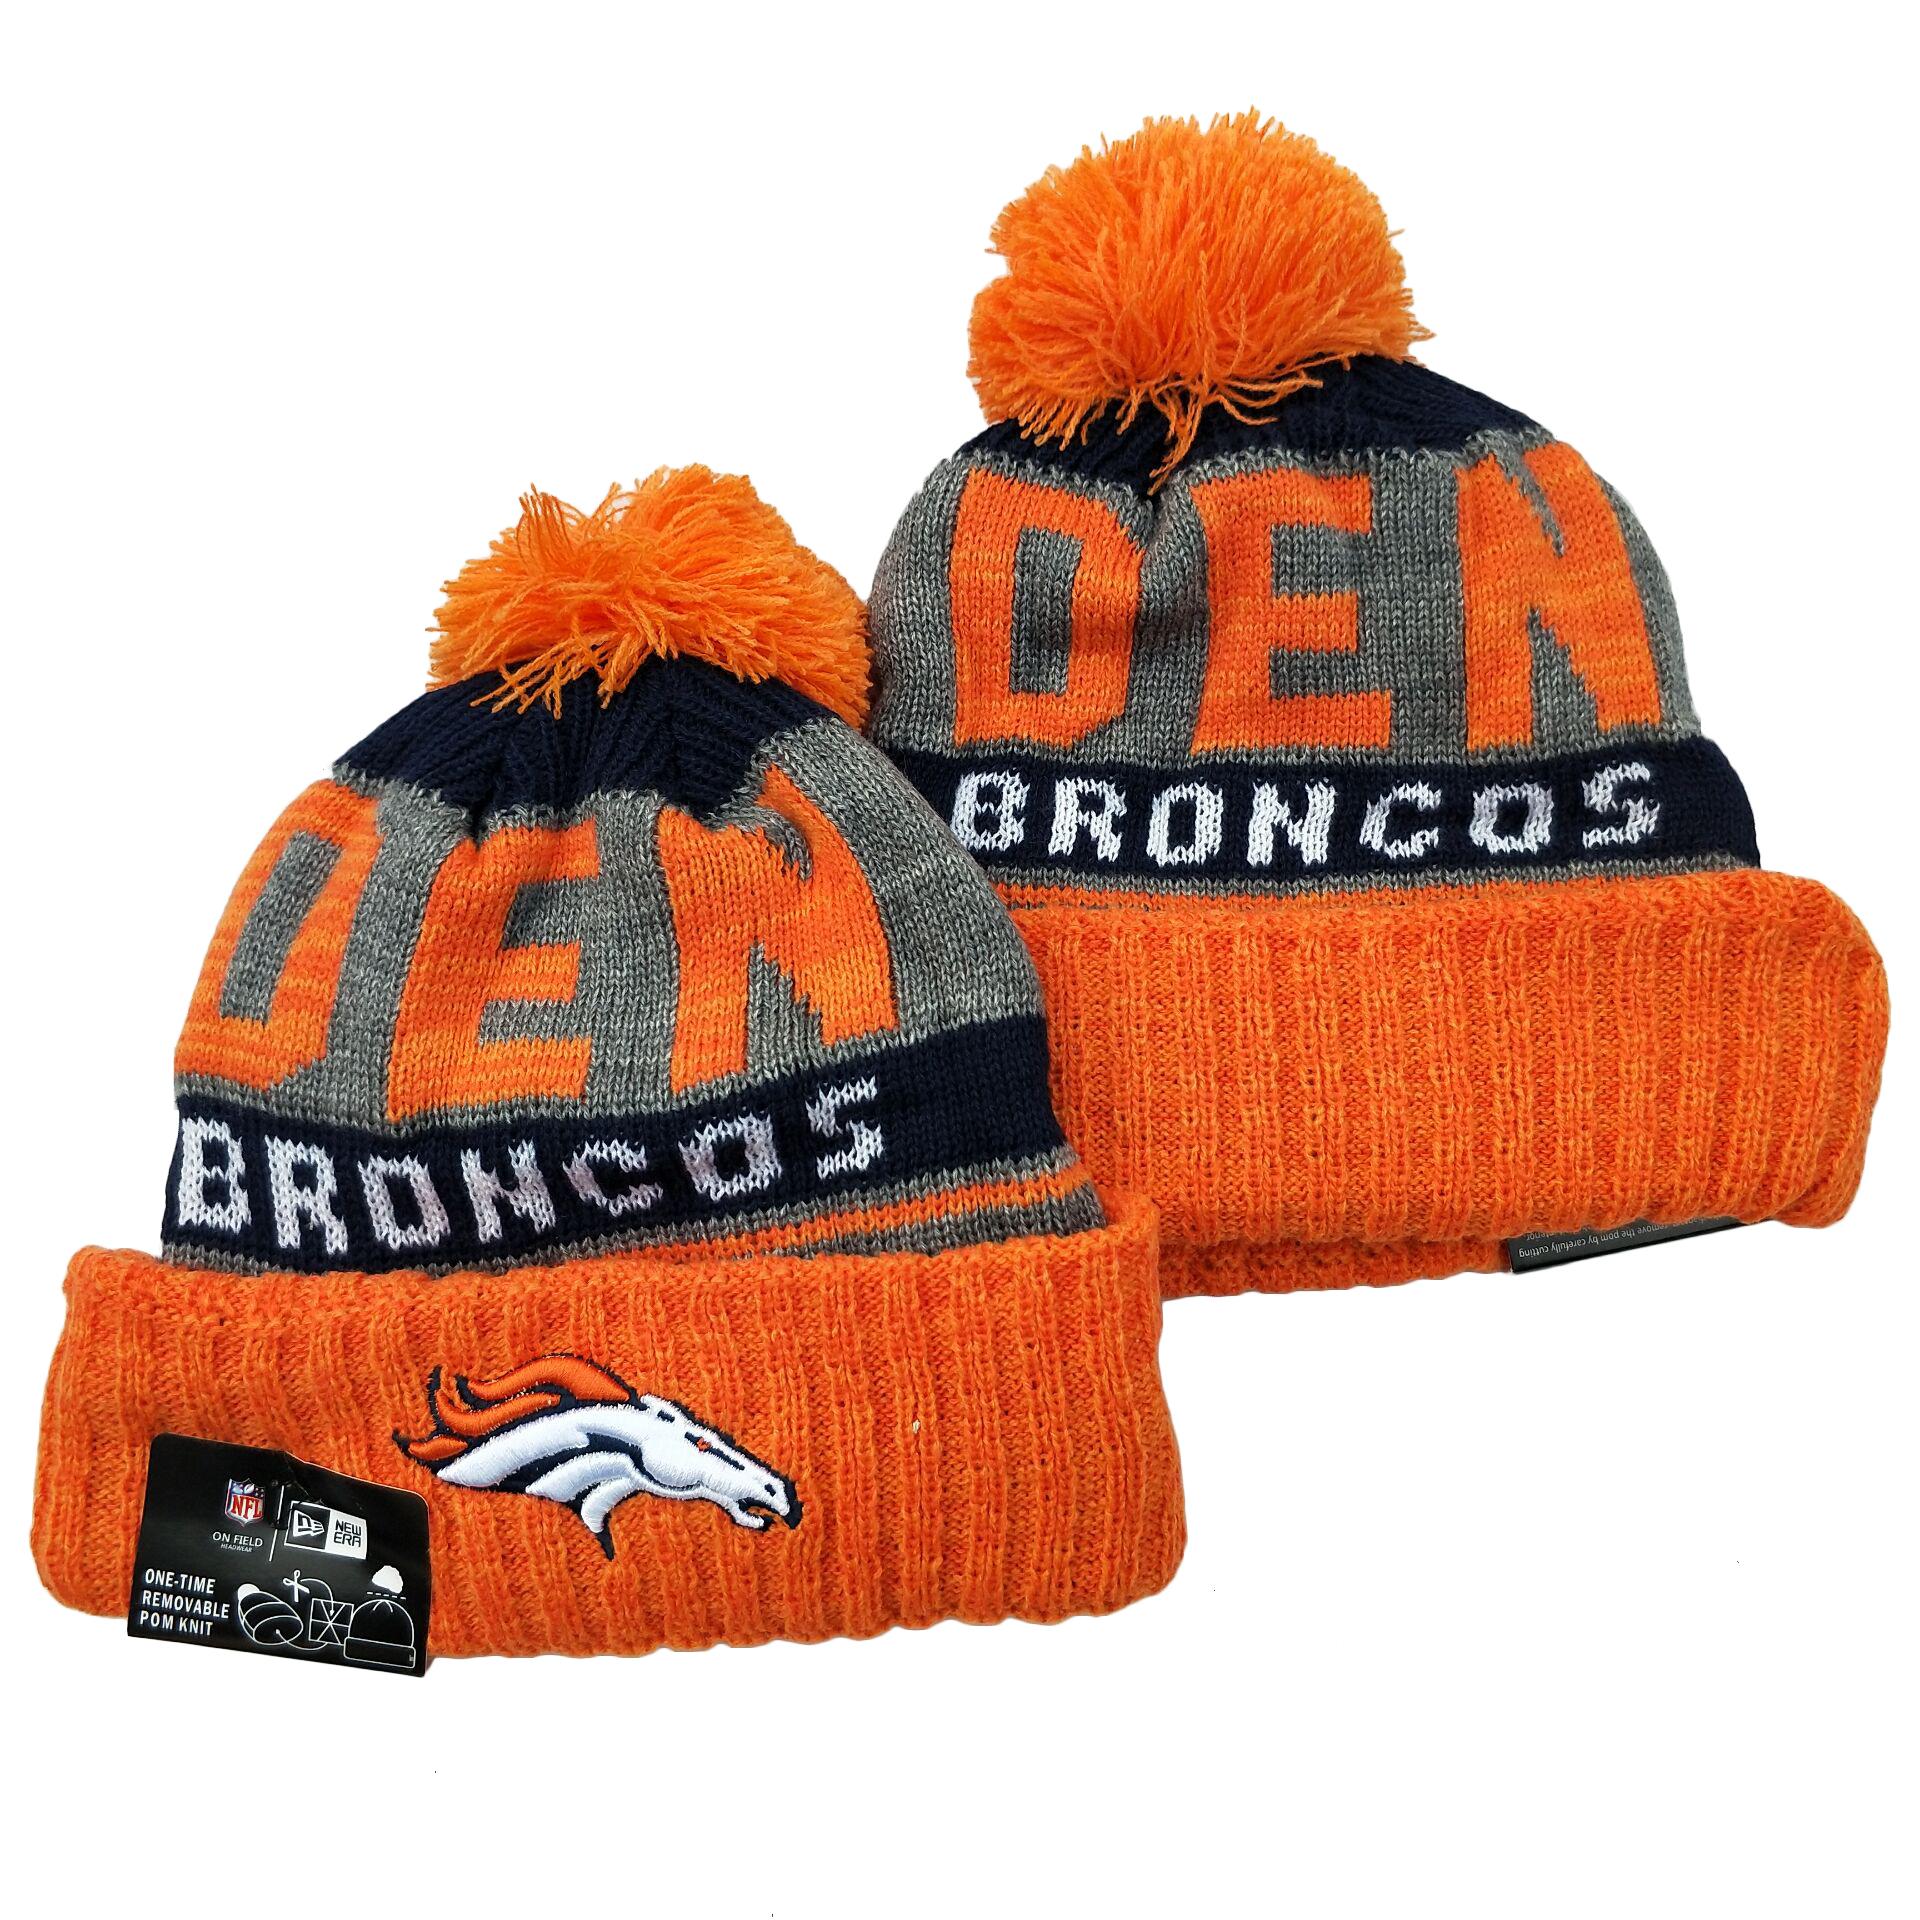 Broncos Team Logo Orange Cuffed Knit Hat YD